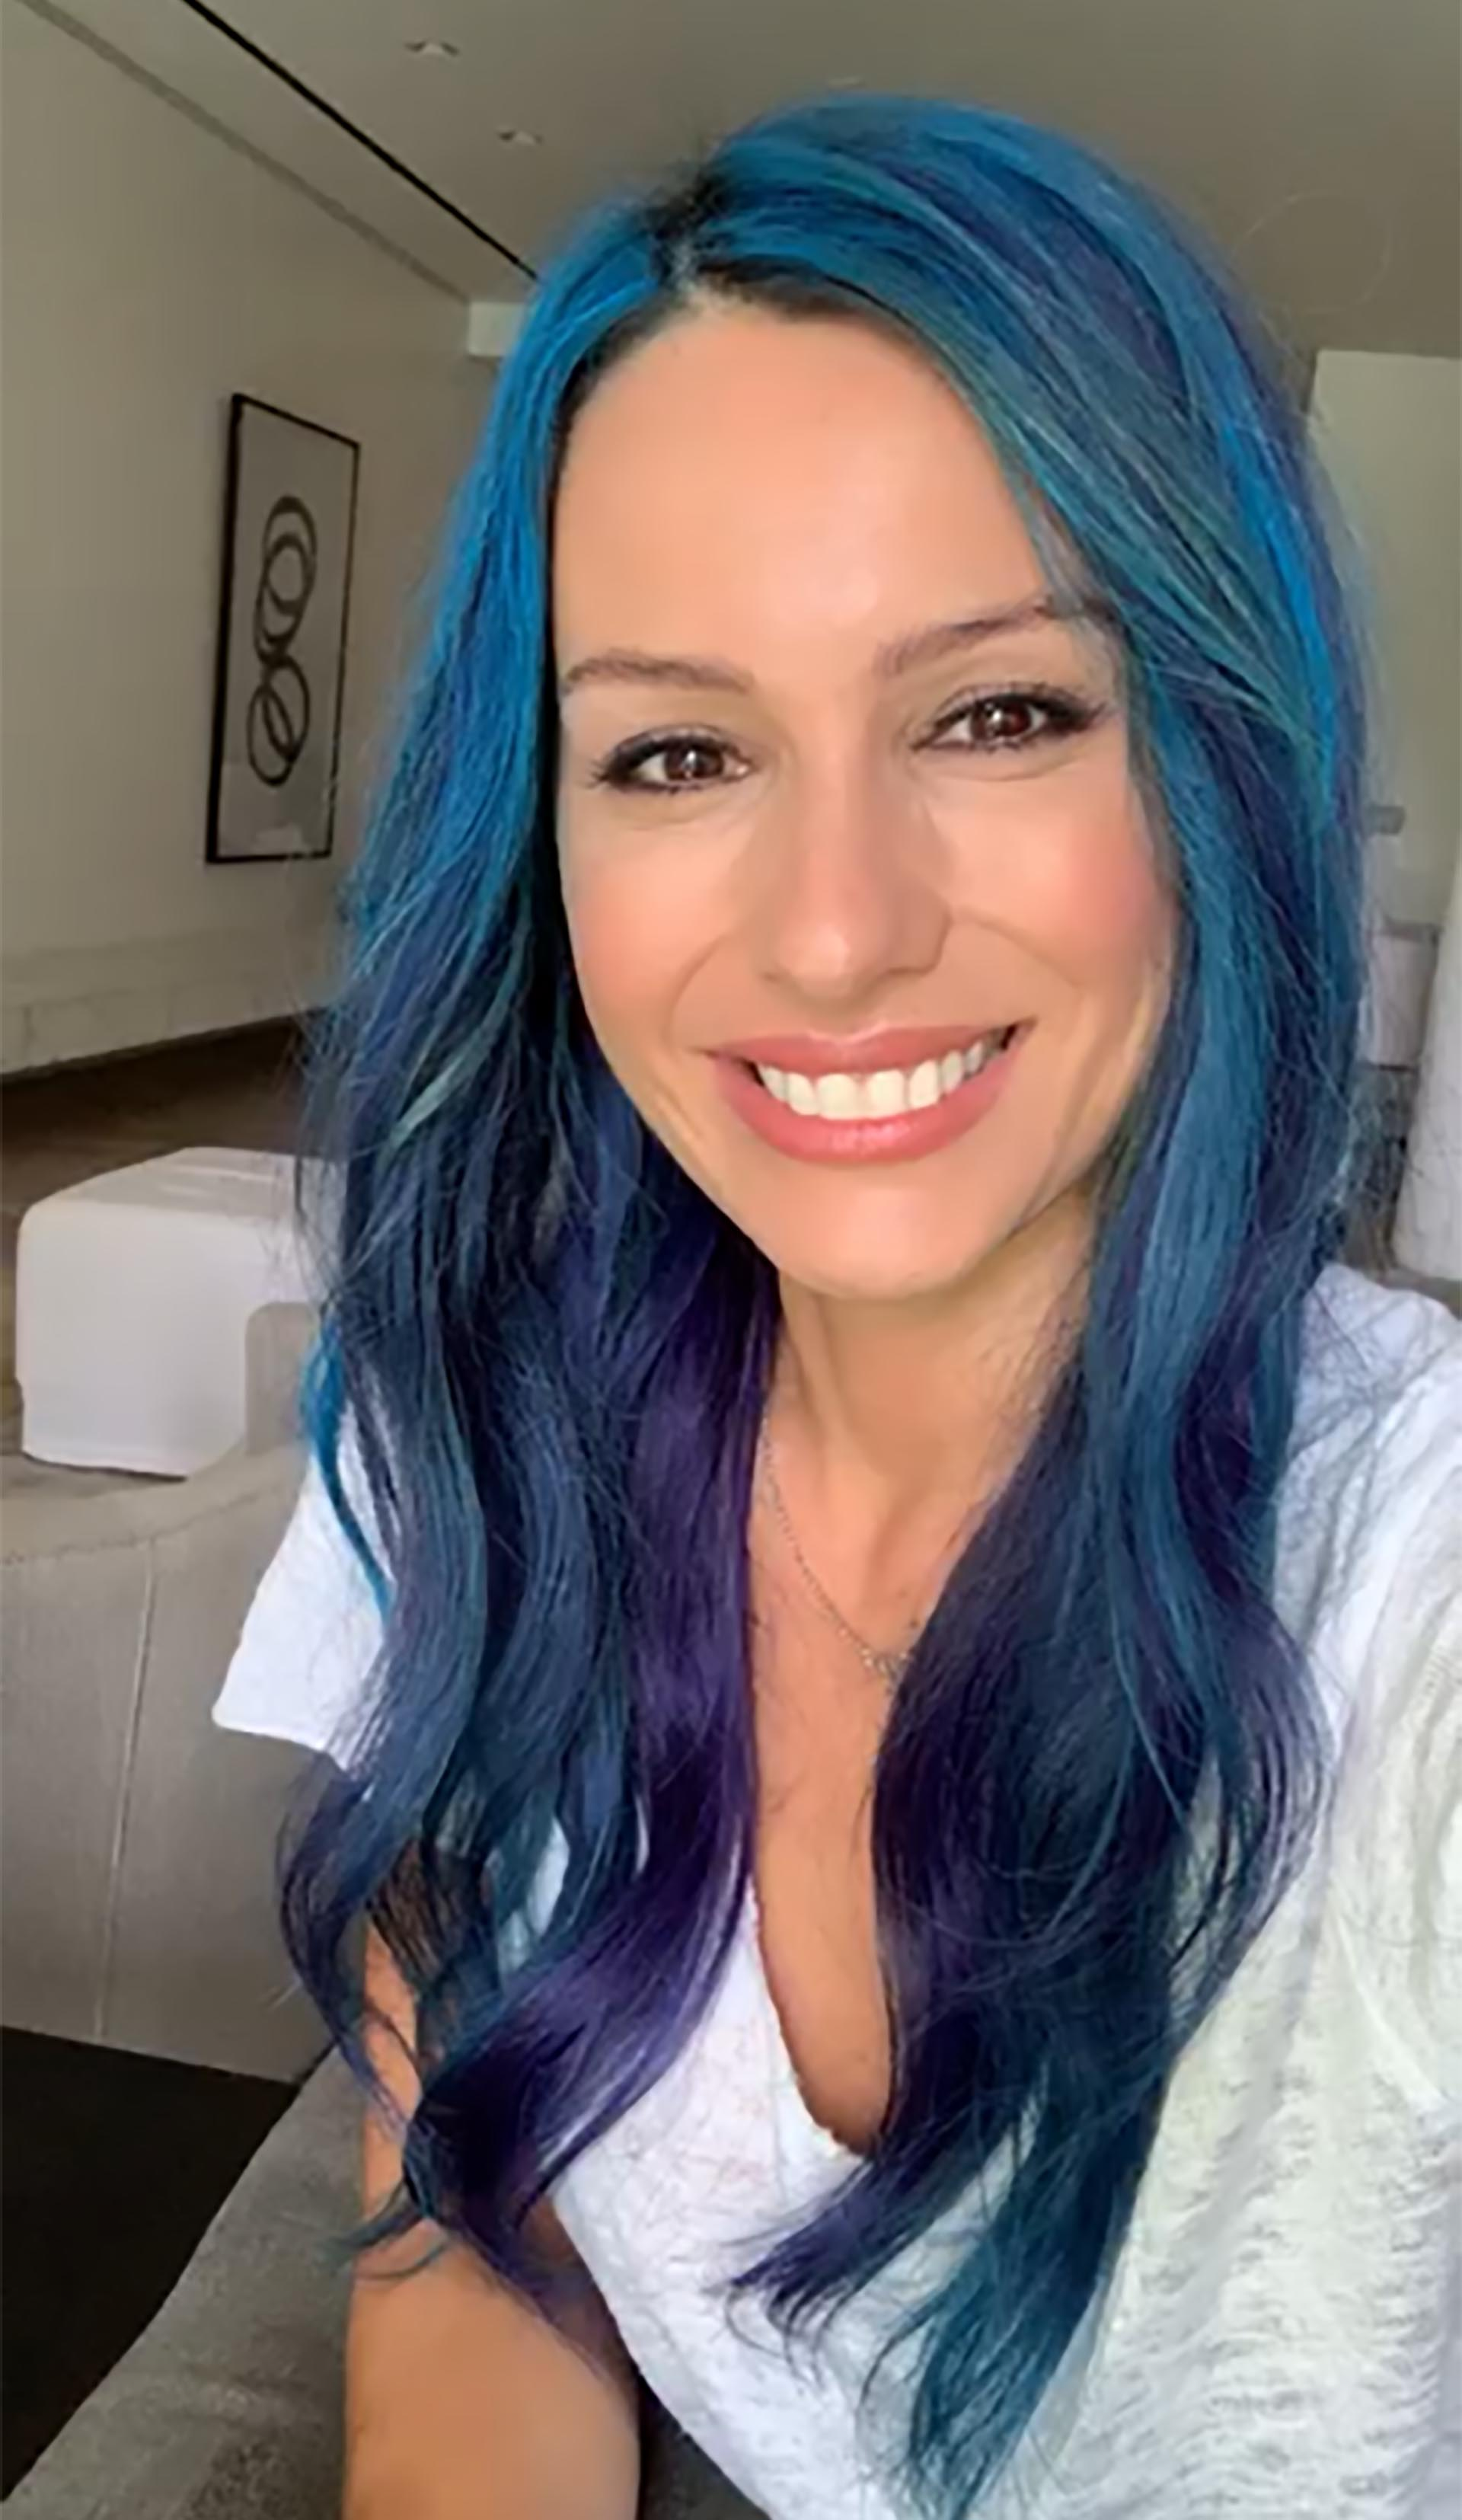 Pampita se tiñó el pelo de azul para el desafío #StellaBlueChallenge, que promueve la donación de agua para transformar vidas